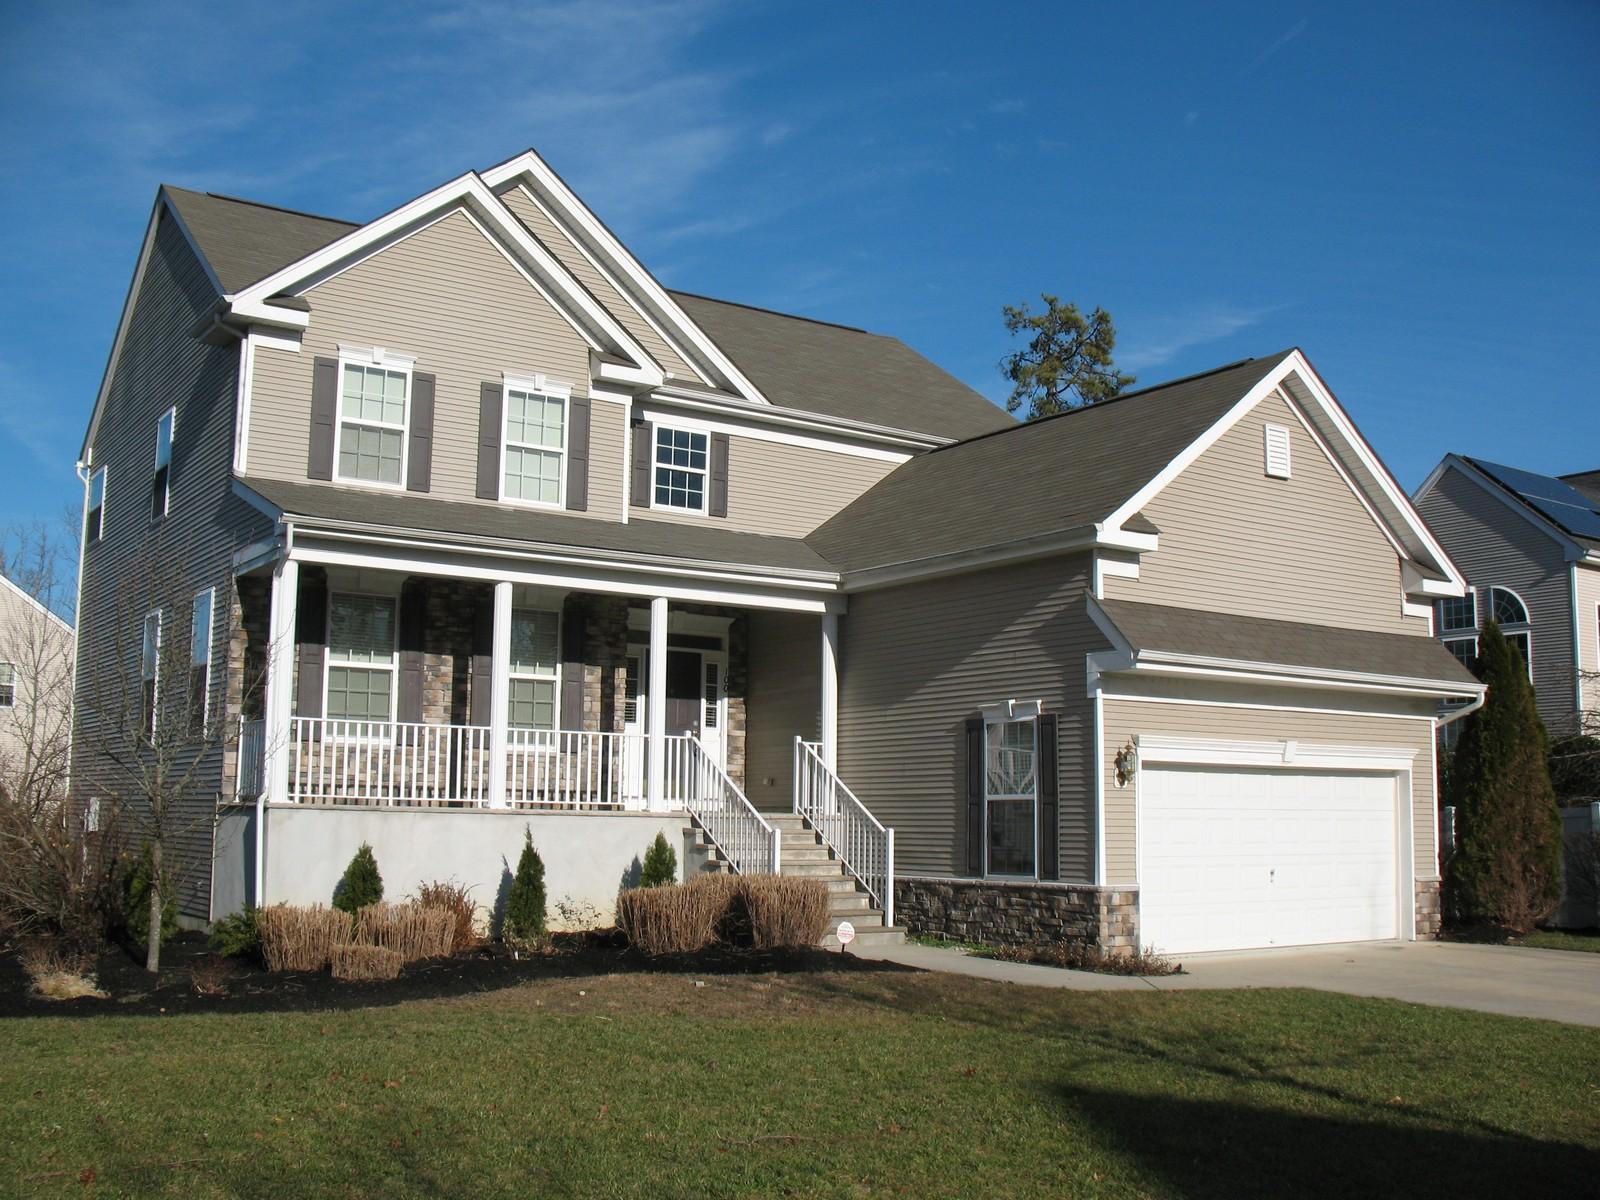 独户住宅 为 出租 在 100 Rockport Drive 蛋港镇, 新泽西州 08234 美国